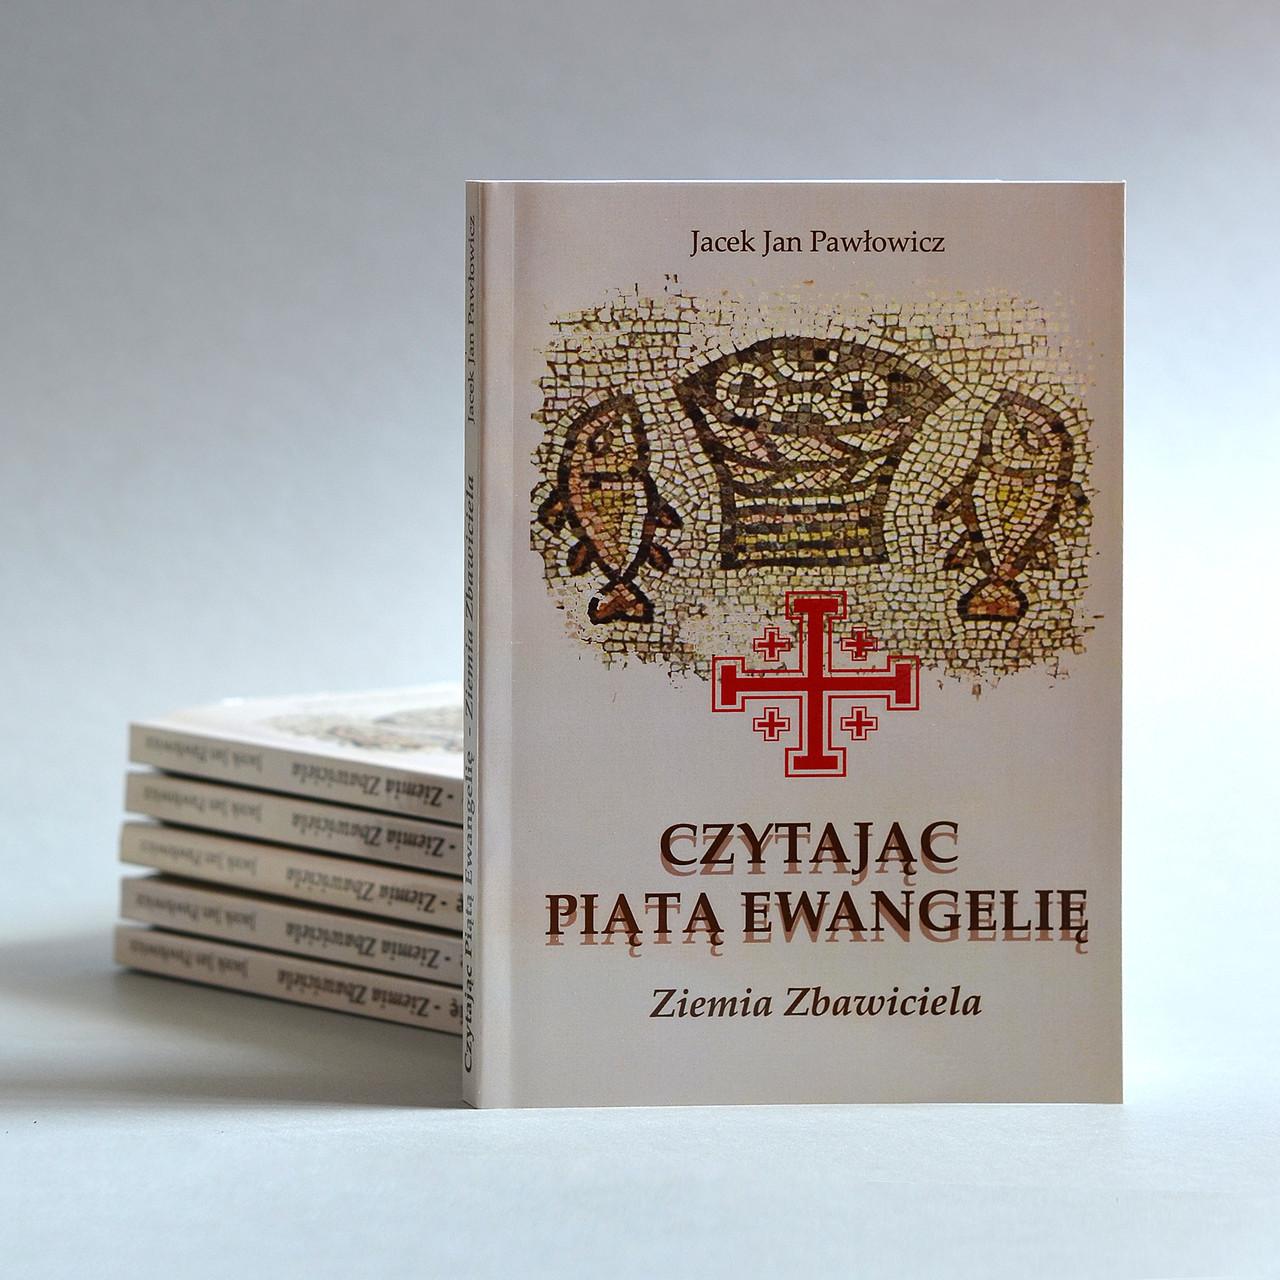 Друк книг в м'якій палітурці